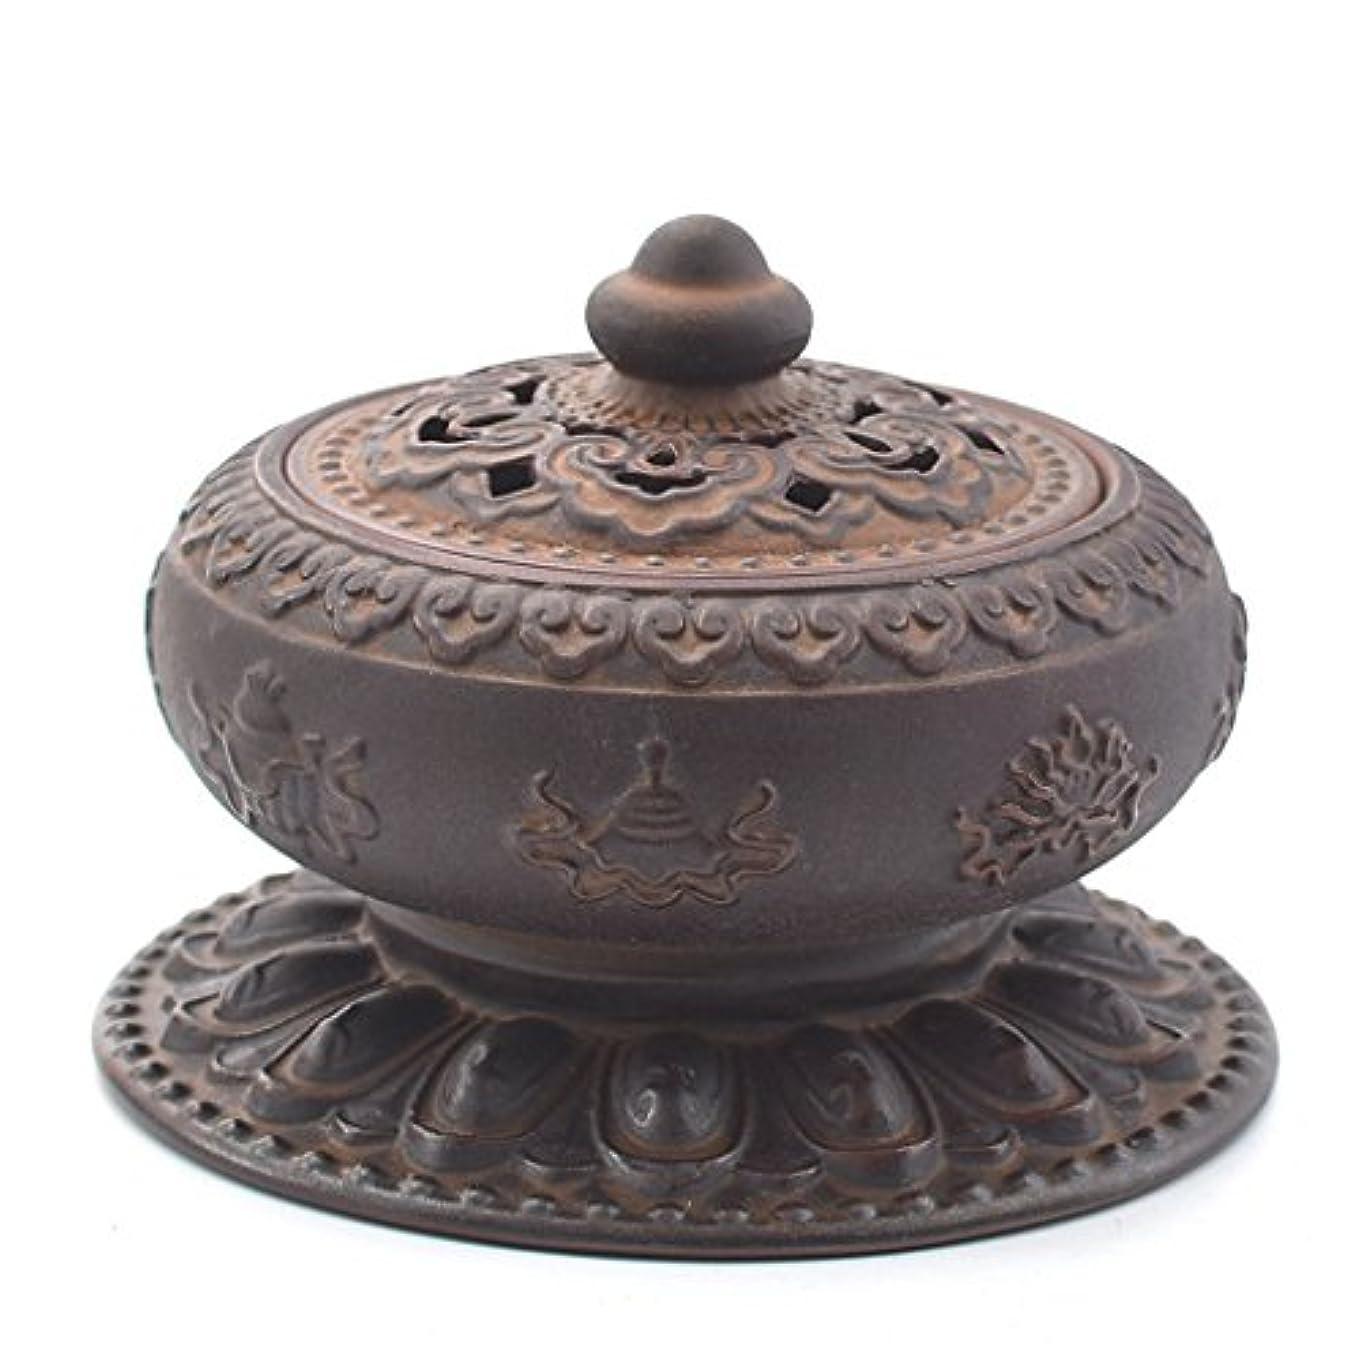 政治脈拍音声(ラシューバー) Lasuiveur 香炉 線香立て 香立て 職人さんの手作り 茶道用品 おしゃれ